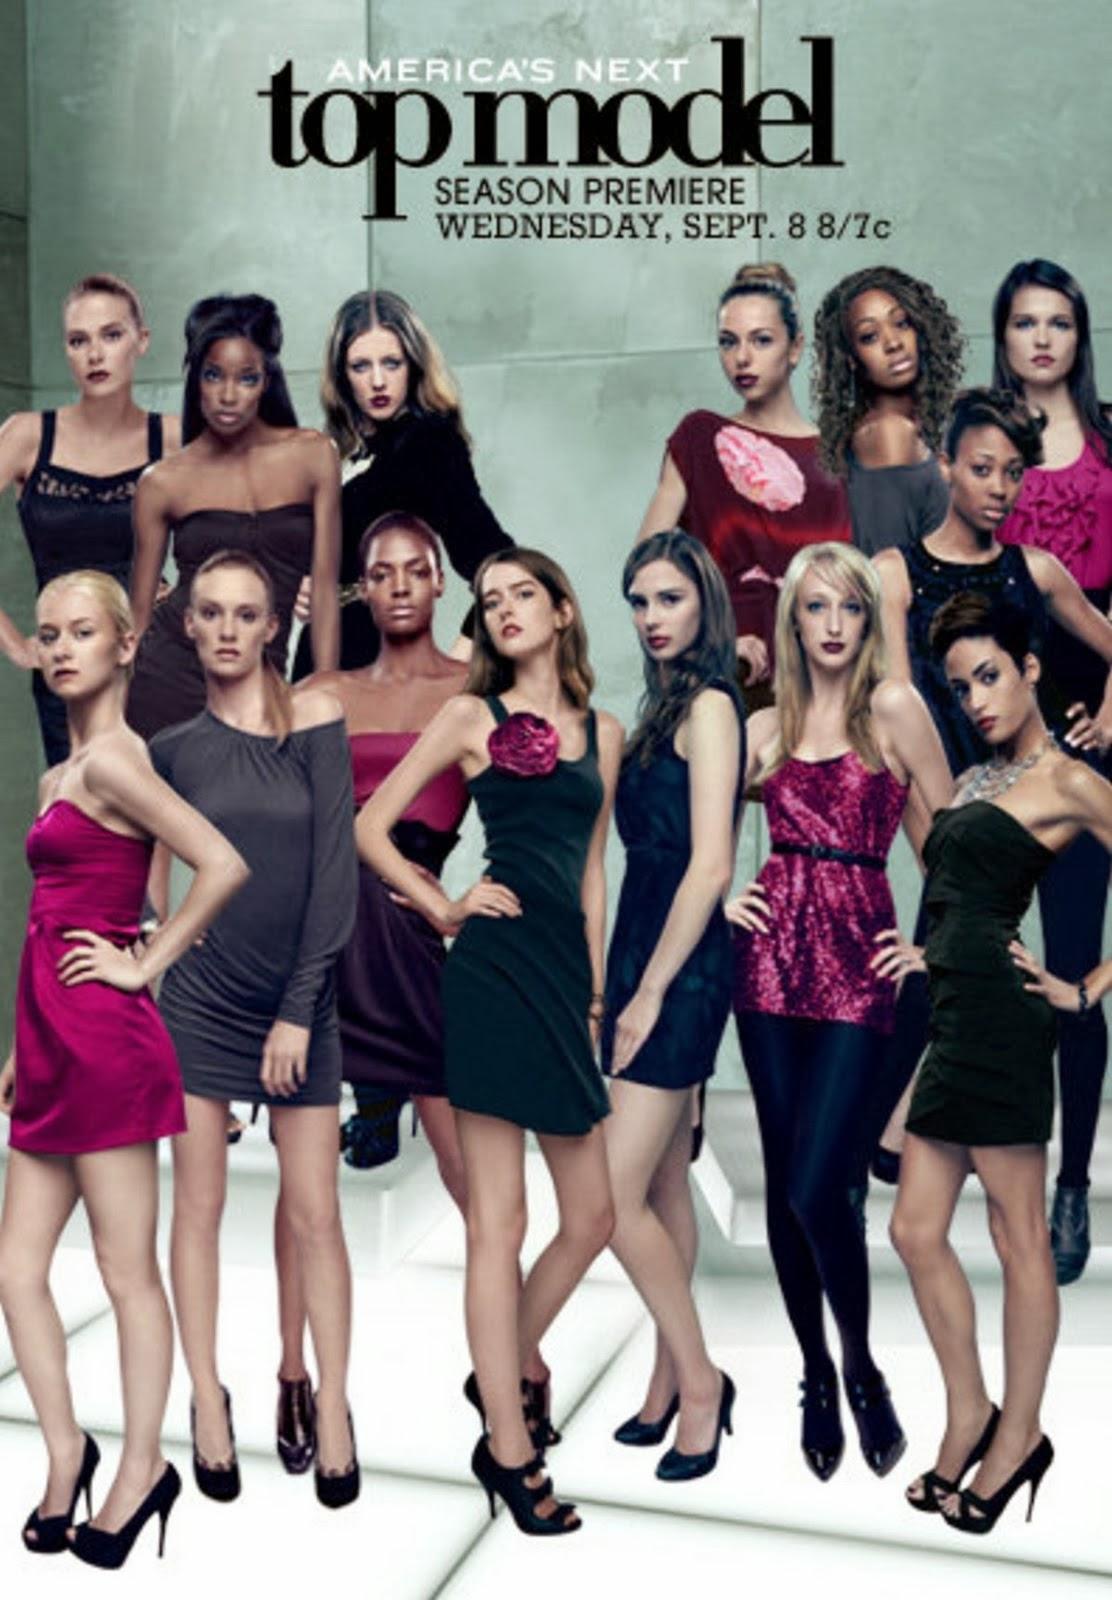 Смотреть americas next top model 21 фотография